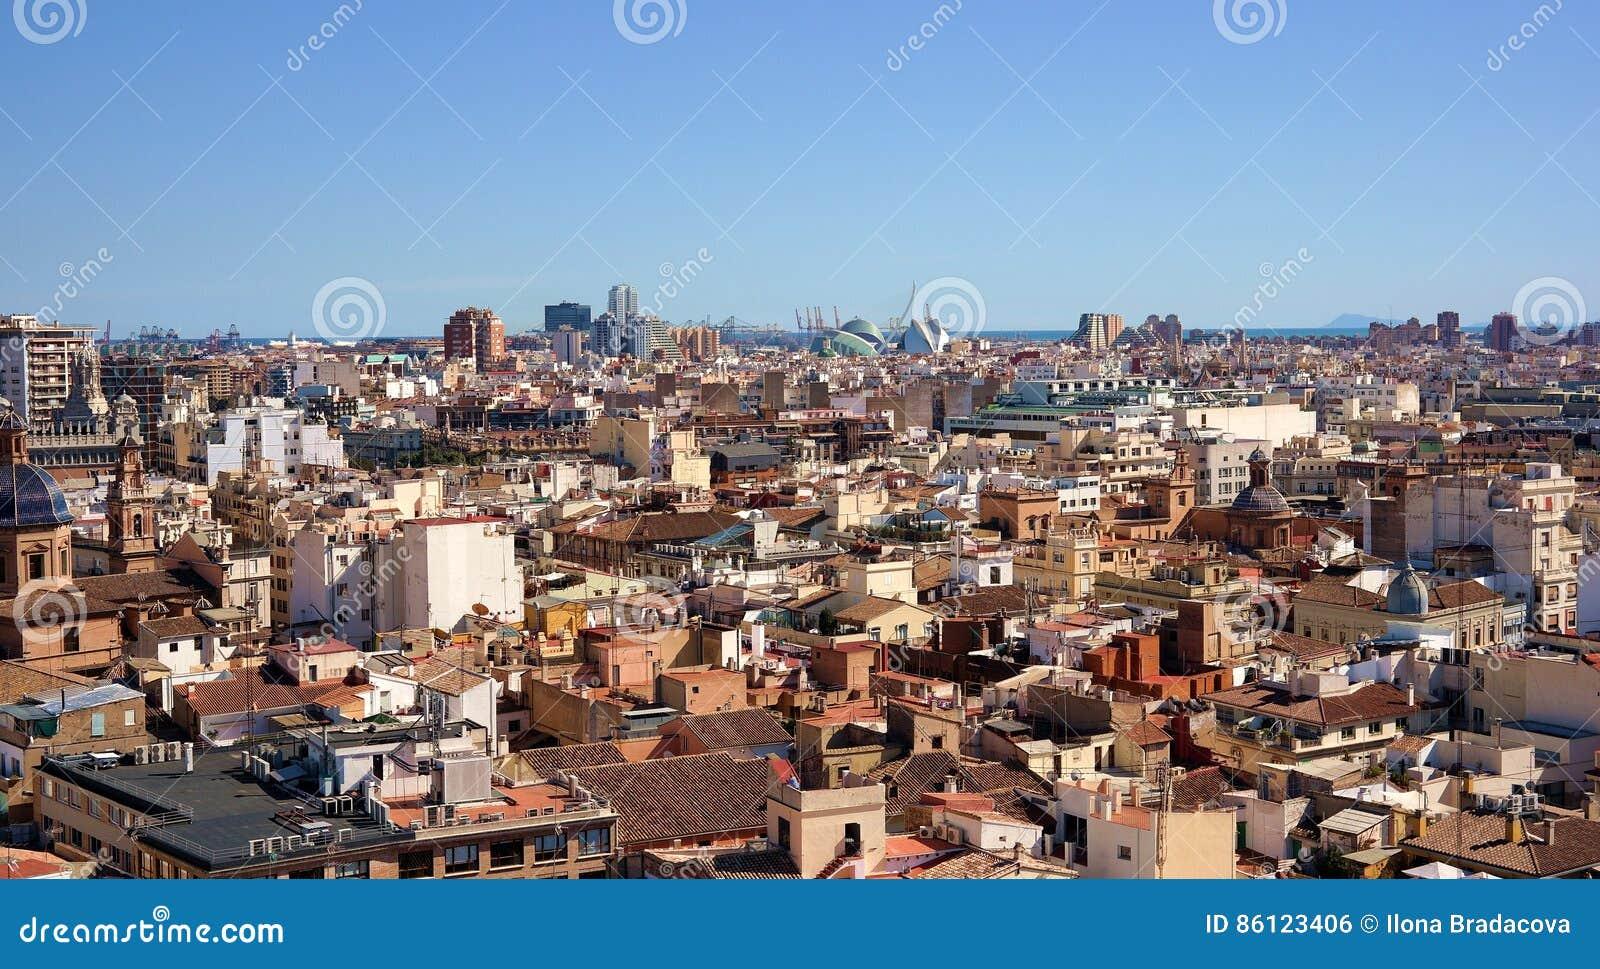 Arquitetura da cidade da cidade de Valência